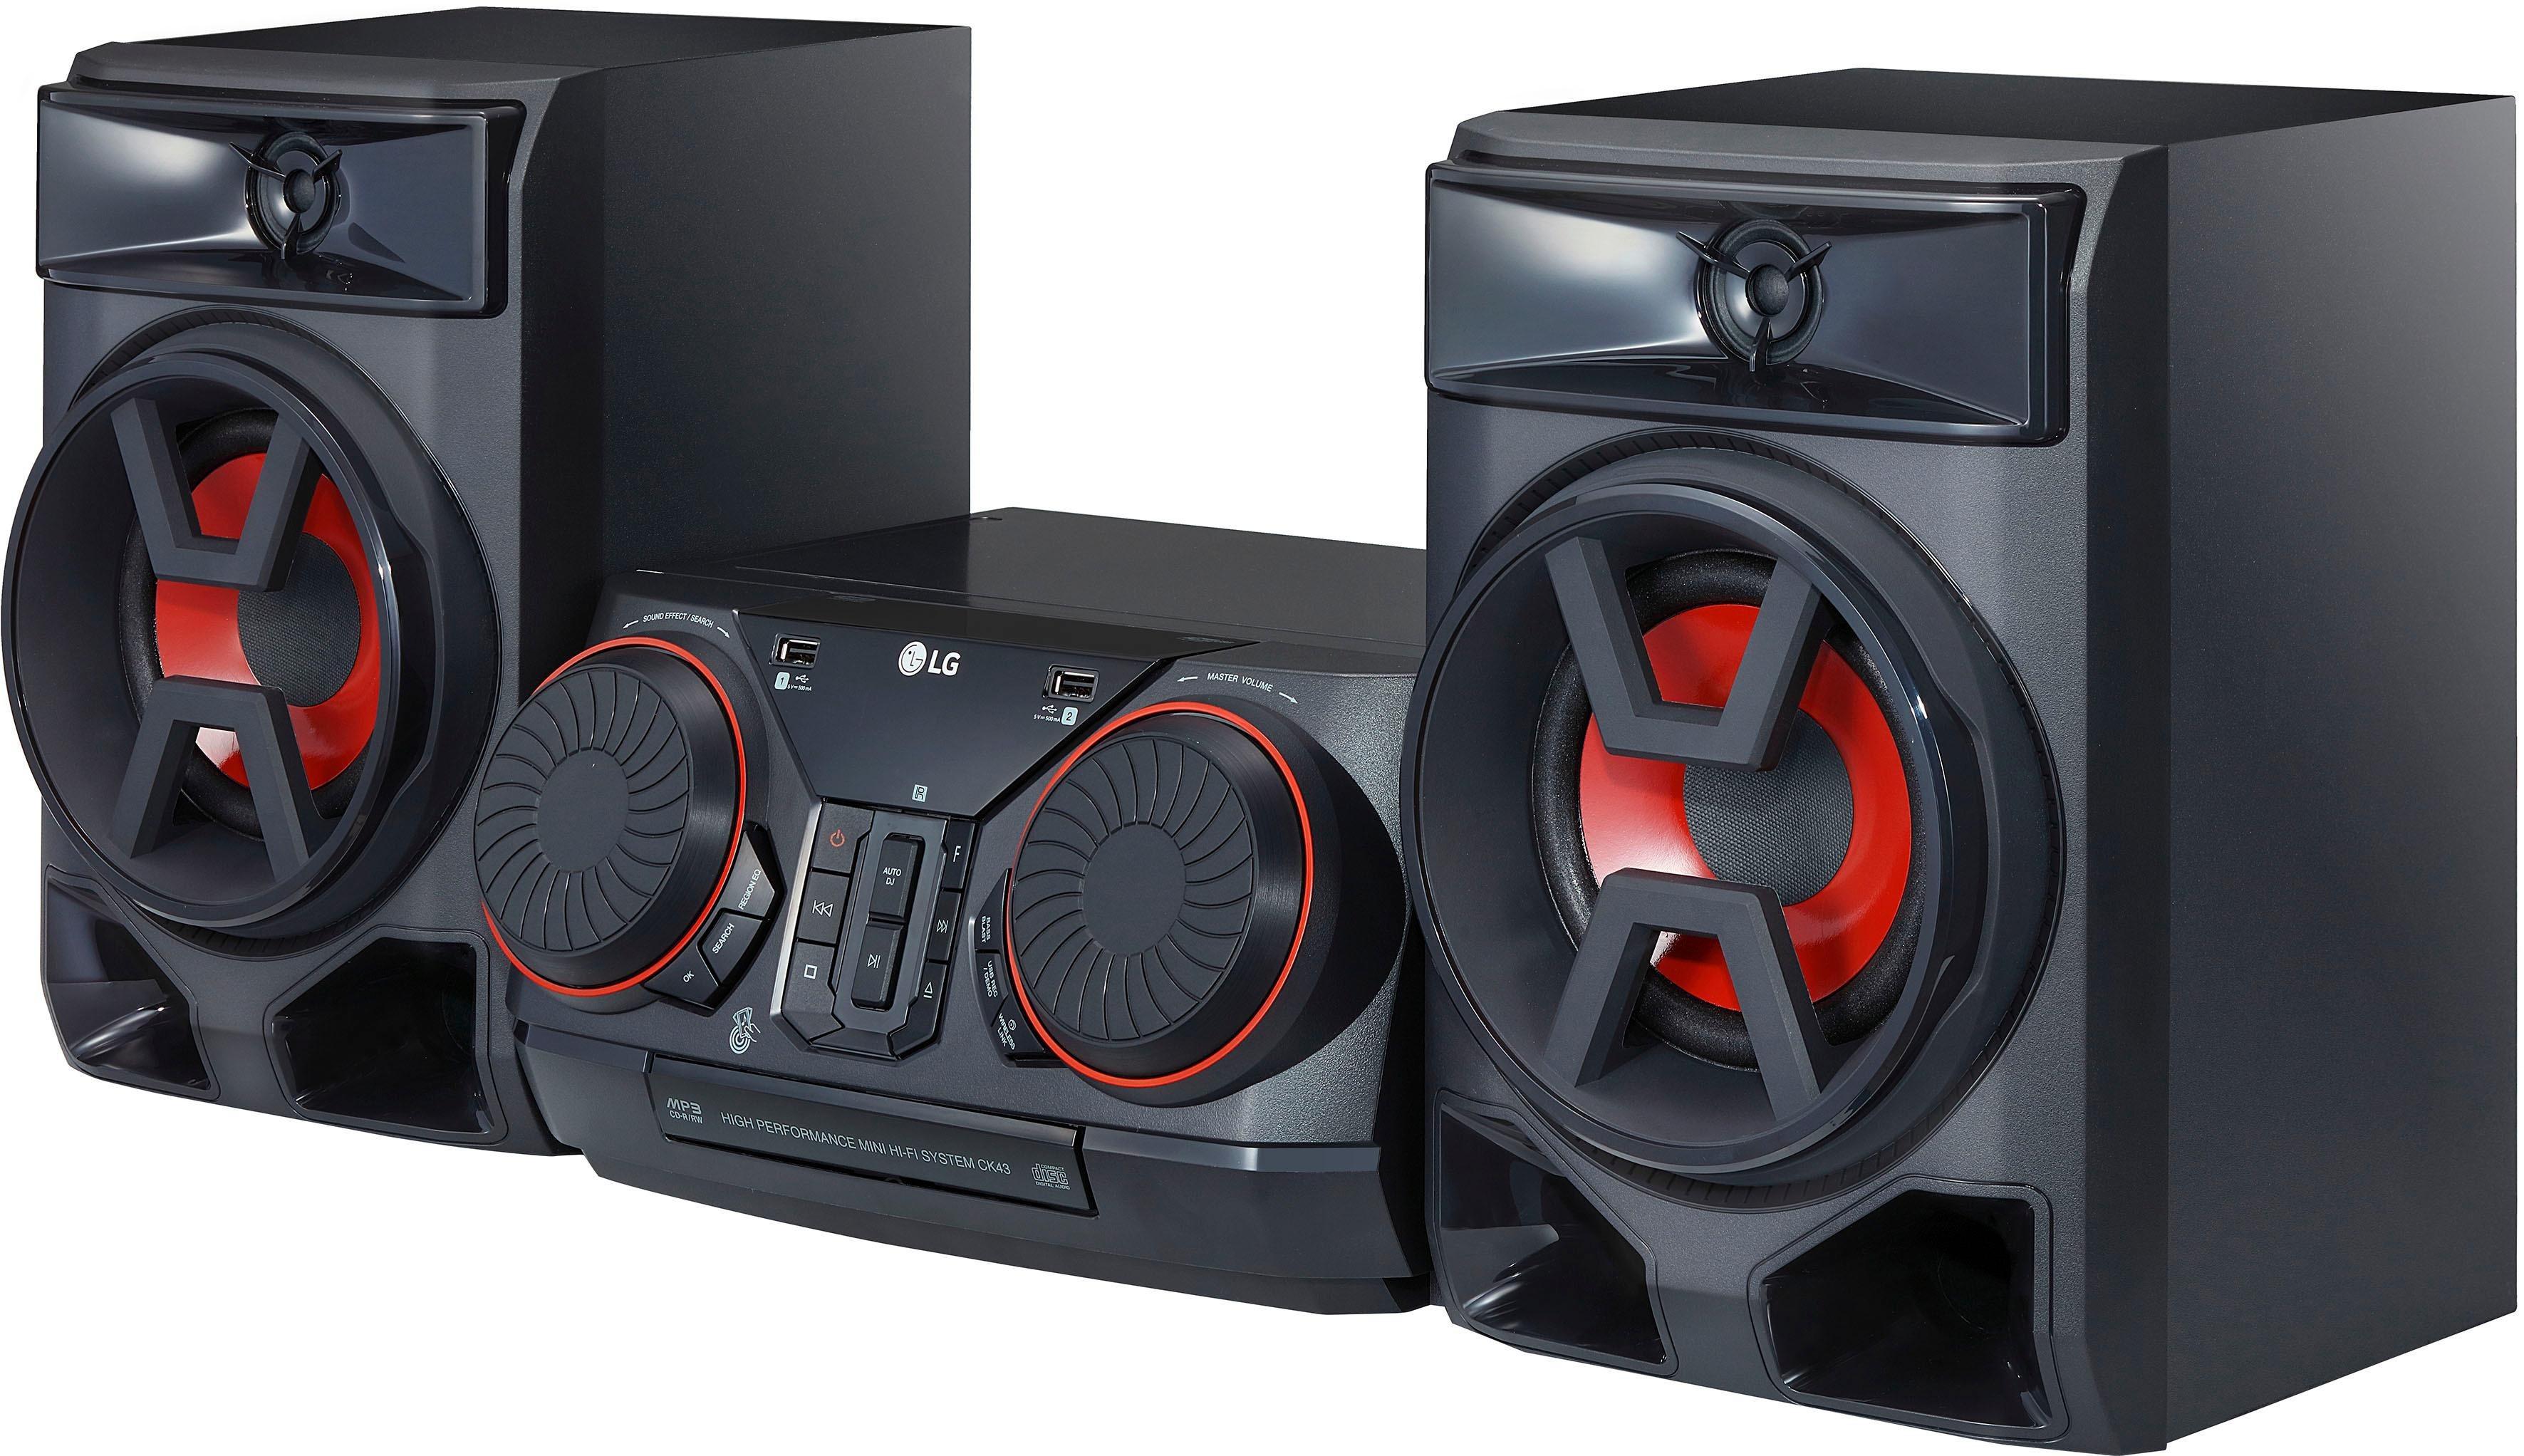 Radio Auto Preisvergleich • Die besten Angebote online kaufen